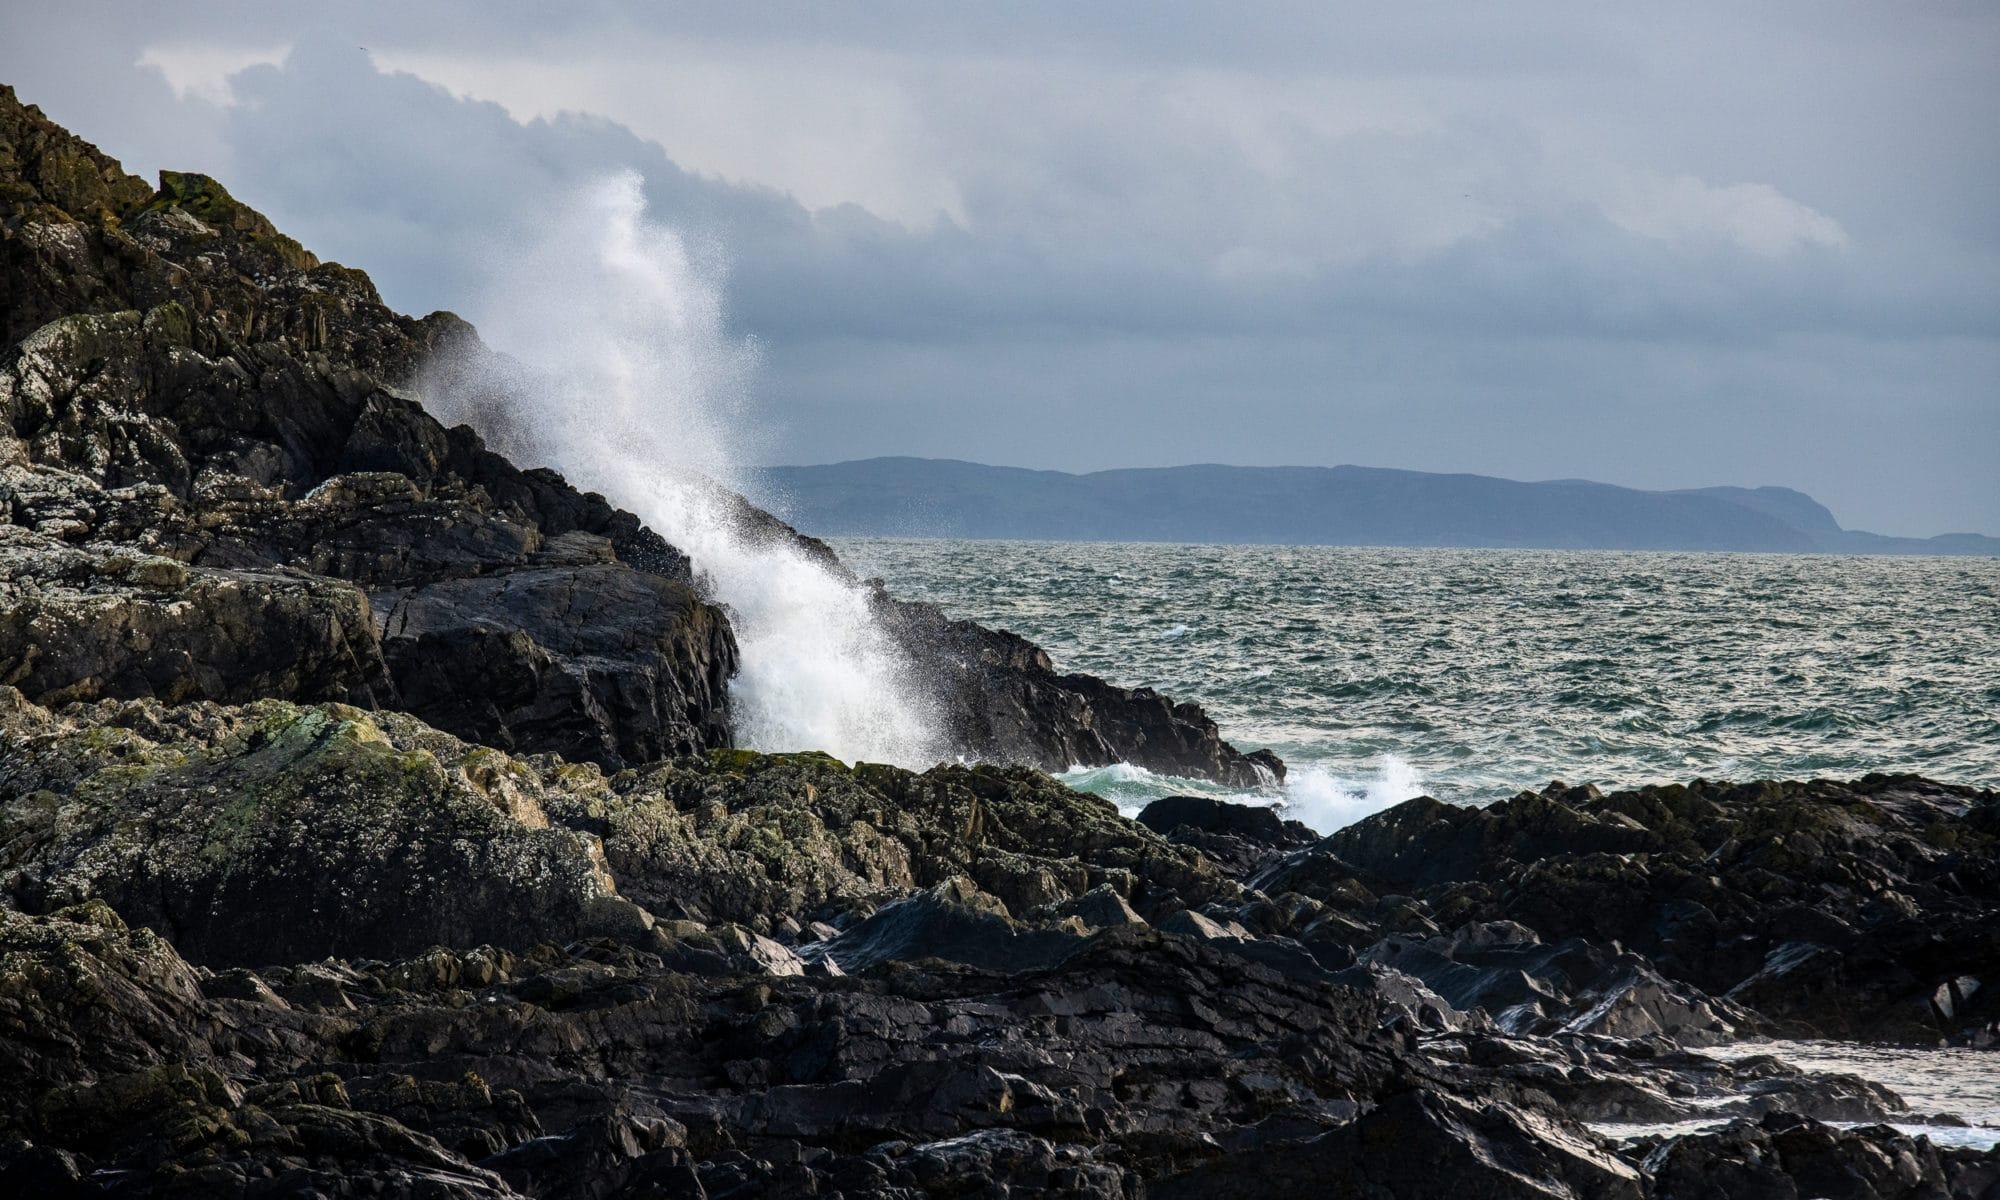 Les rochers de Portpatrick